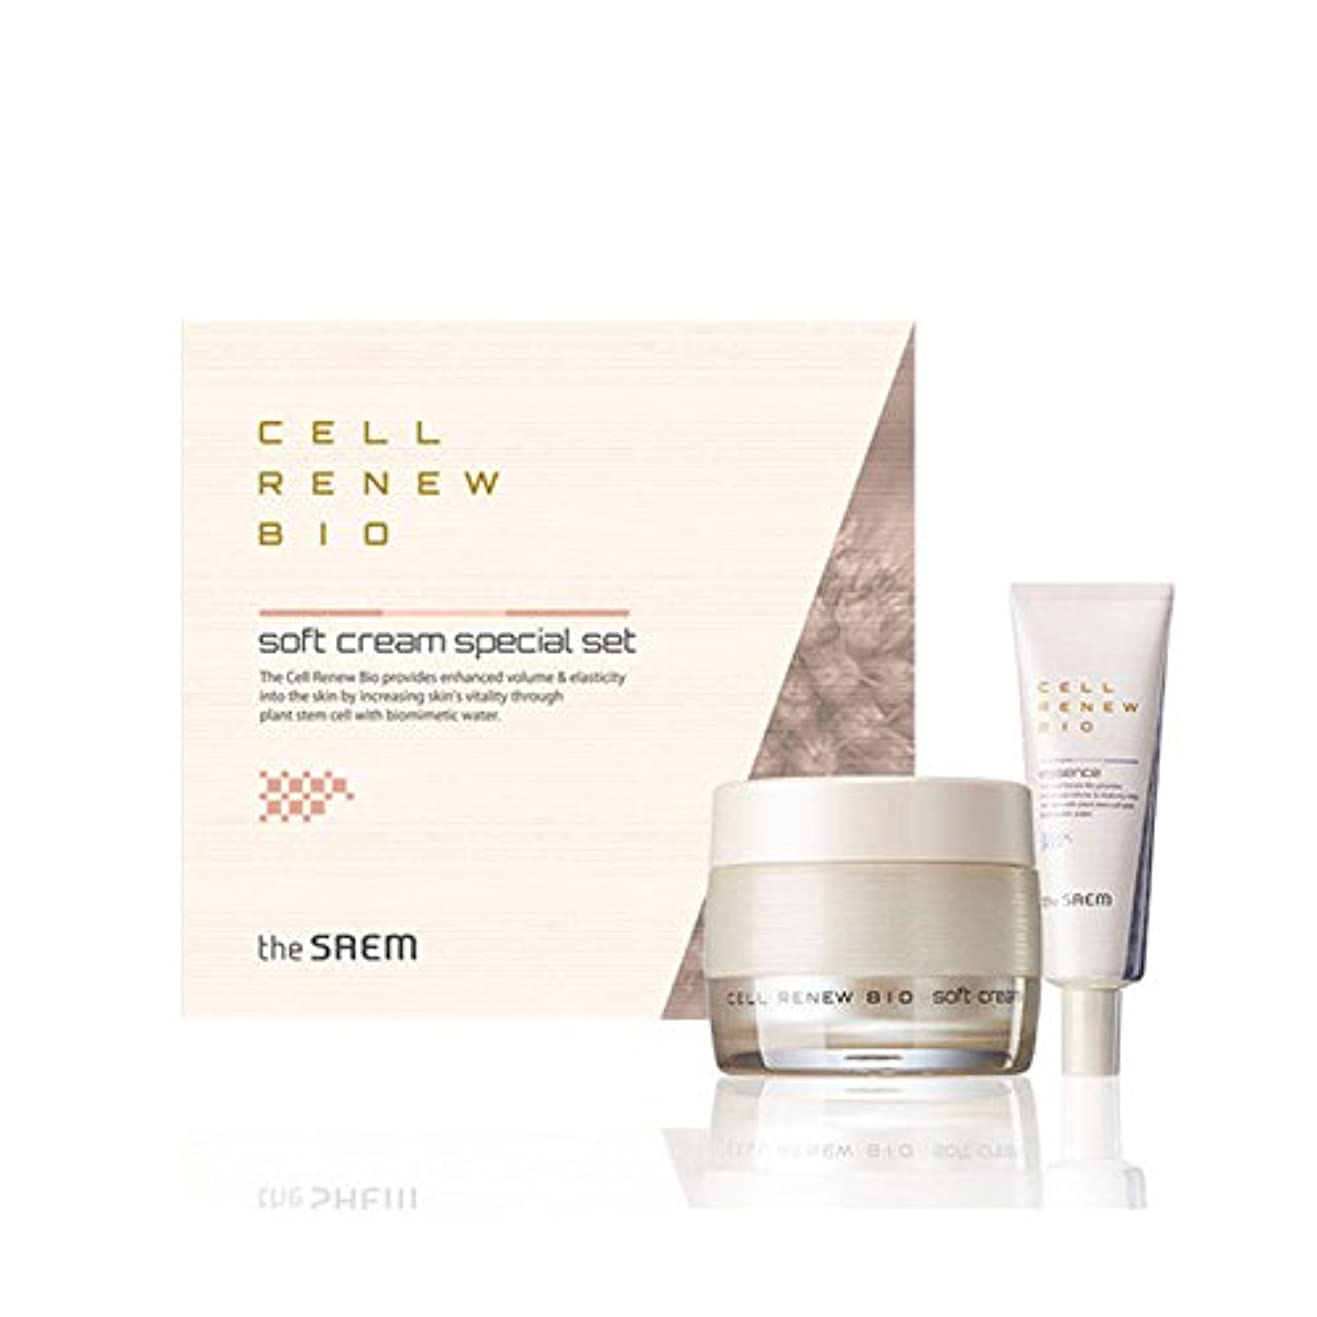 家足音化学薬品[ザセム] The Saem セルリニュー バイオ クリーム スペシャルセット Cell Renew Bio Cream Special Set (海外直送品) [並行輸入品]